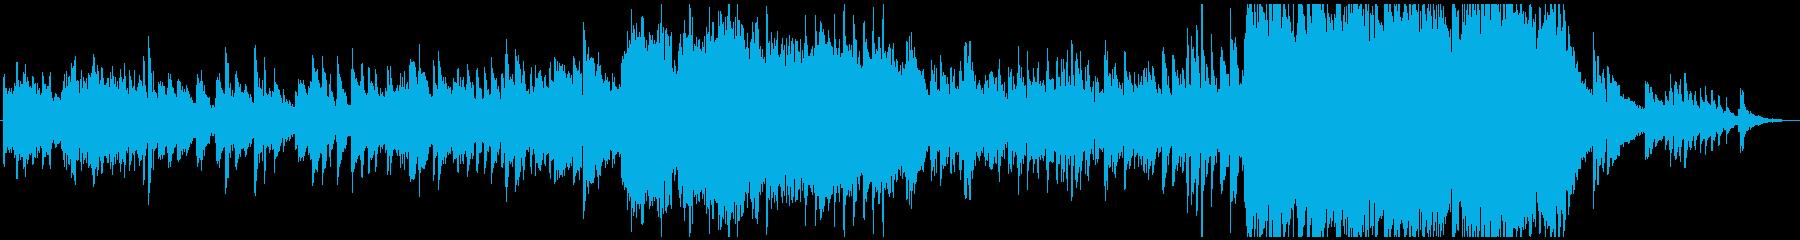 クリスマス曲の再生済みの波形